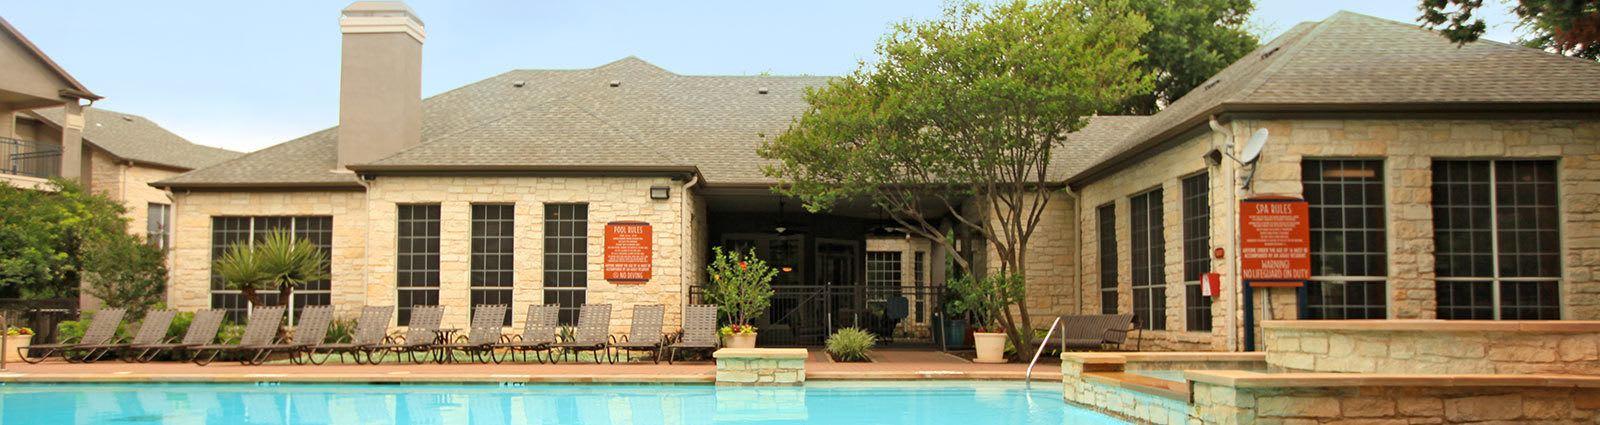 Austin TX apartments